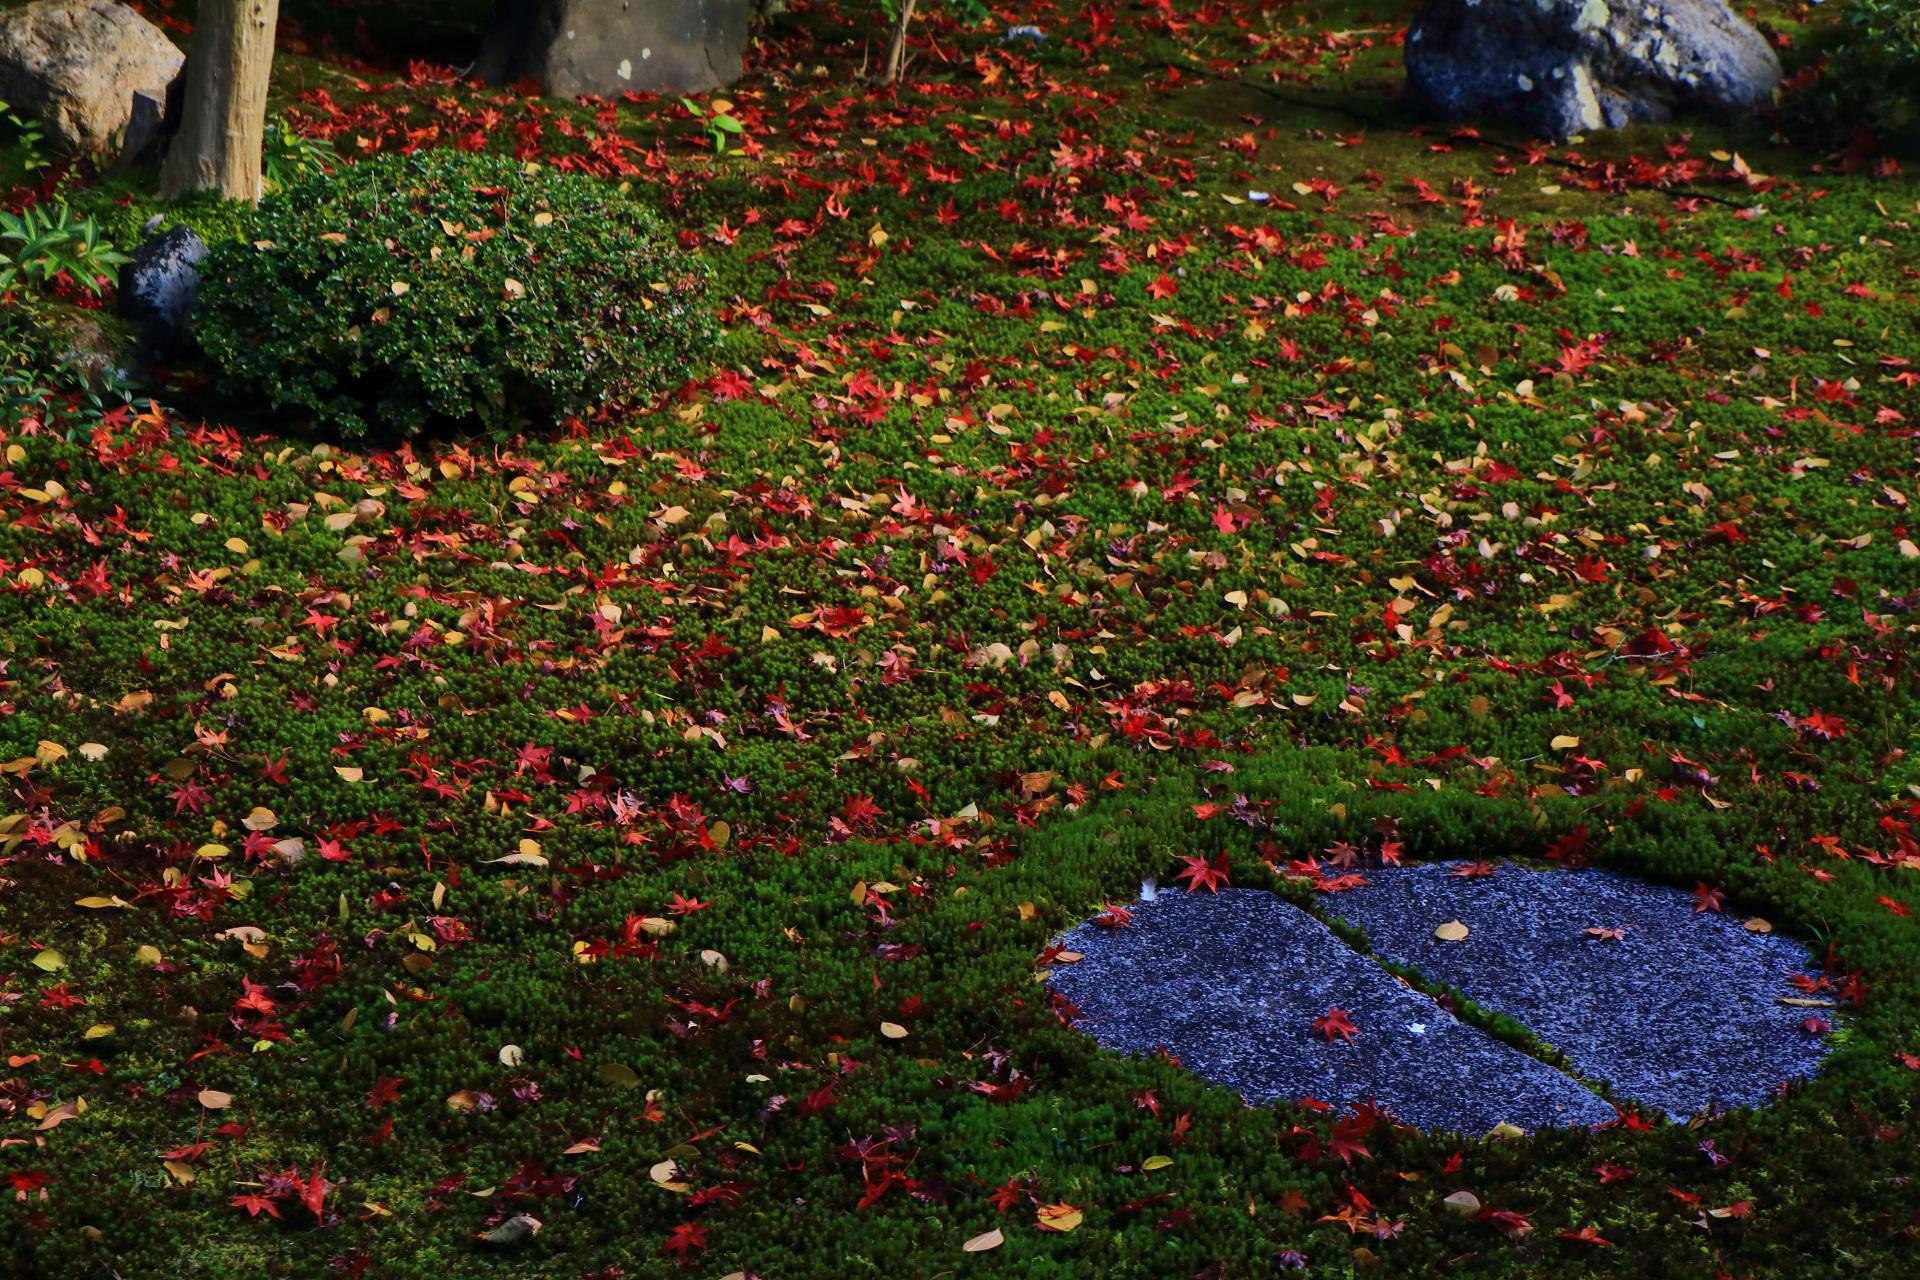 本法寺のもみじや楓以外の多様な木々や植物の散り